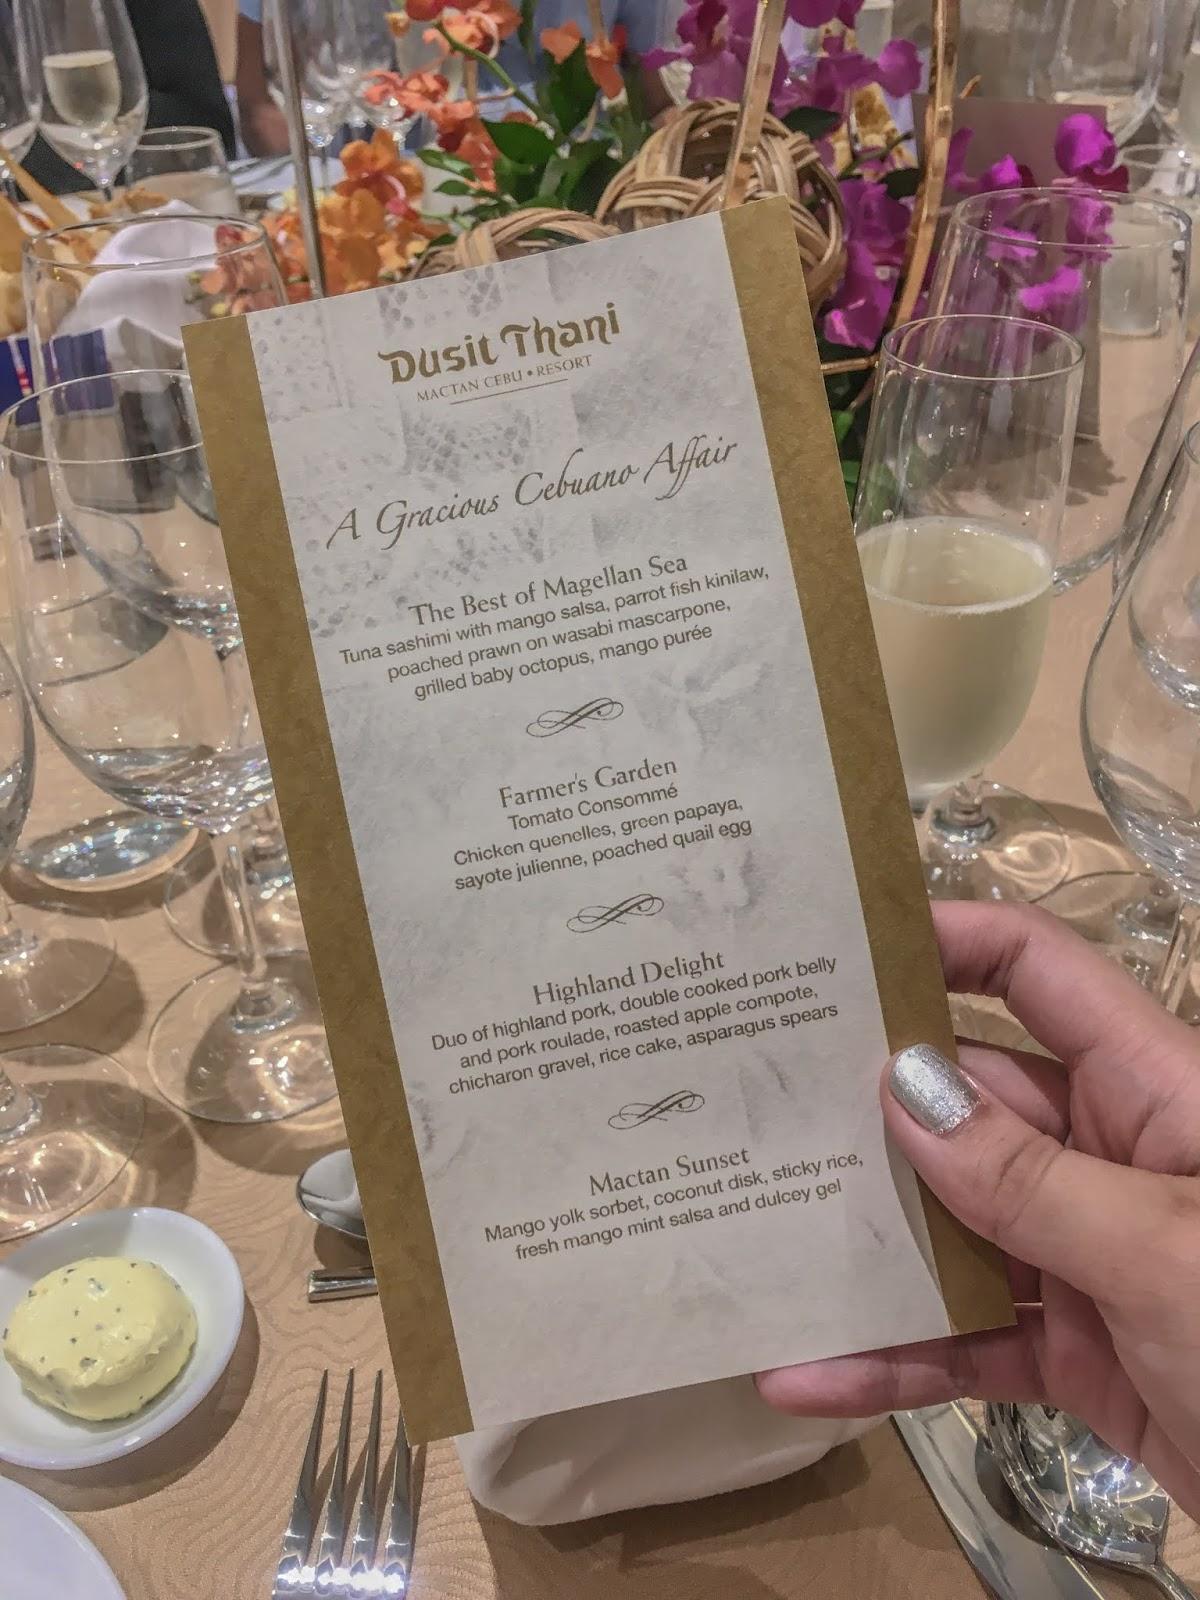 Dusit Thani Mactan grand opening menu